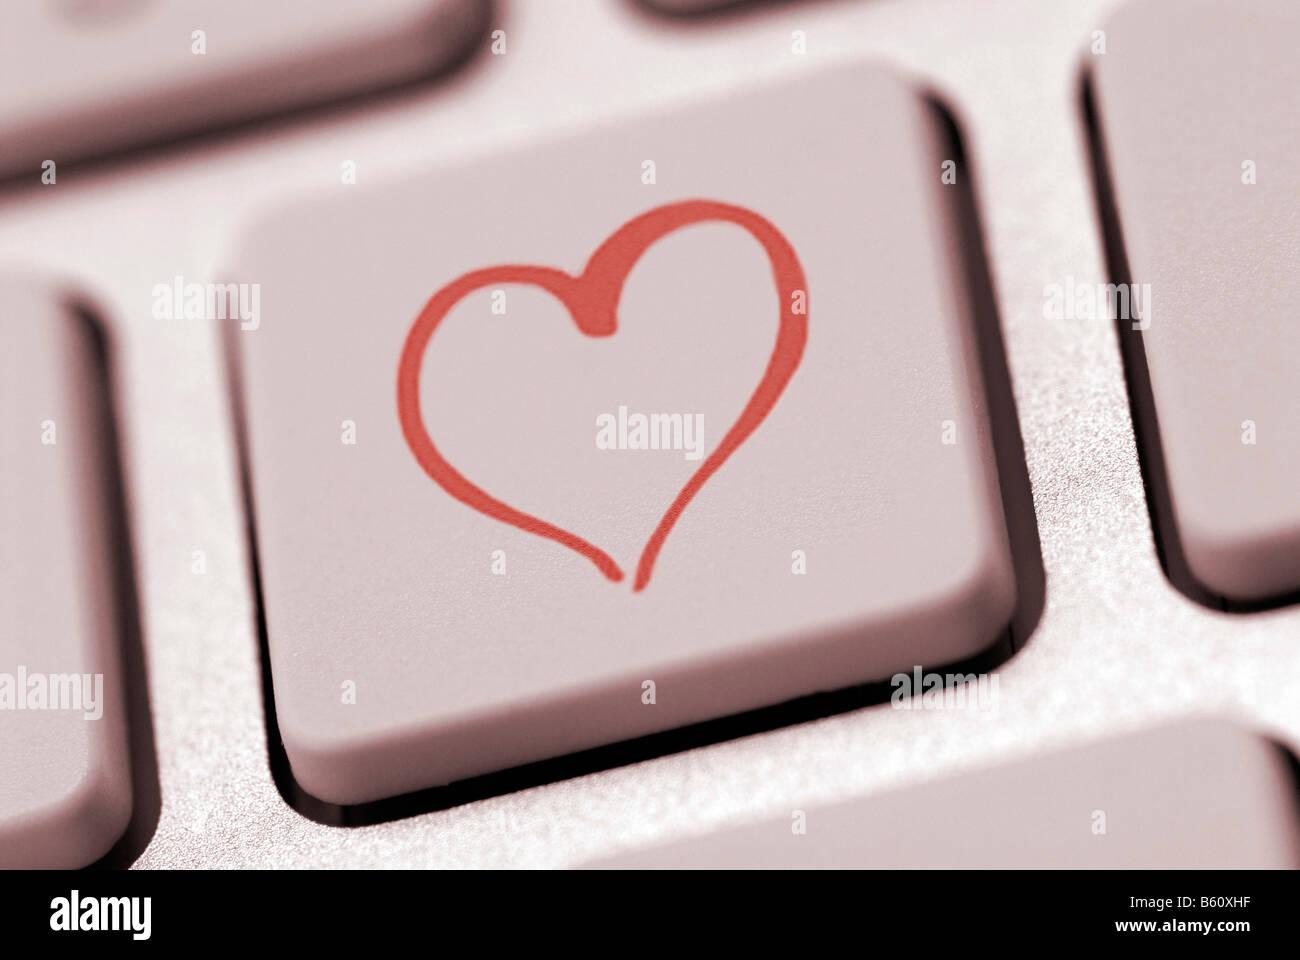 Herzform auf einer Computertastatur, symbolisches Bild für Internet-dating Stockbild